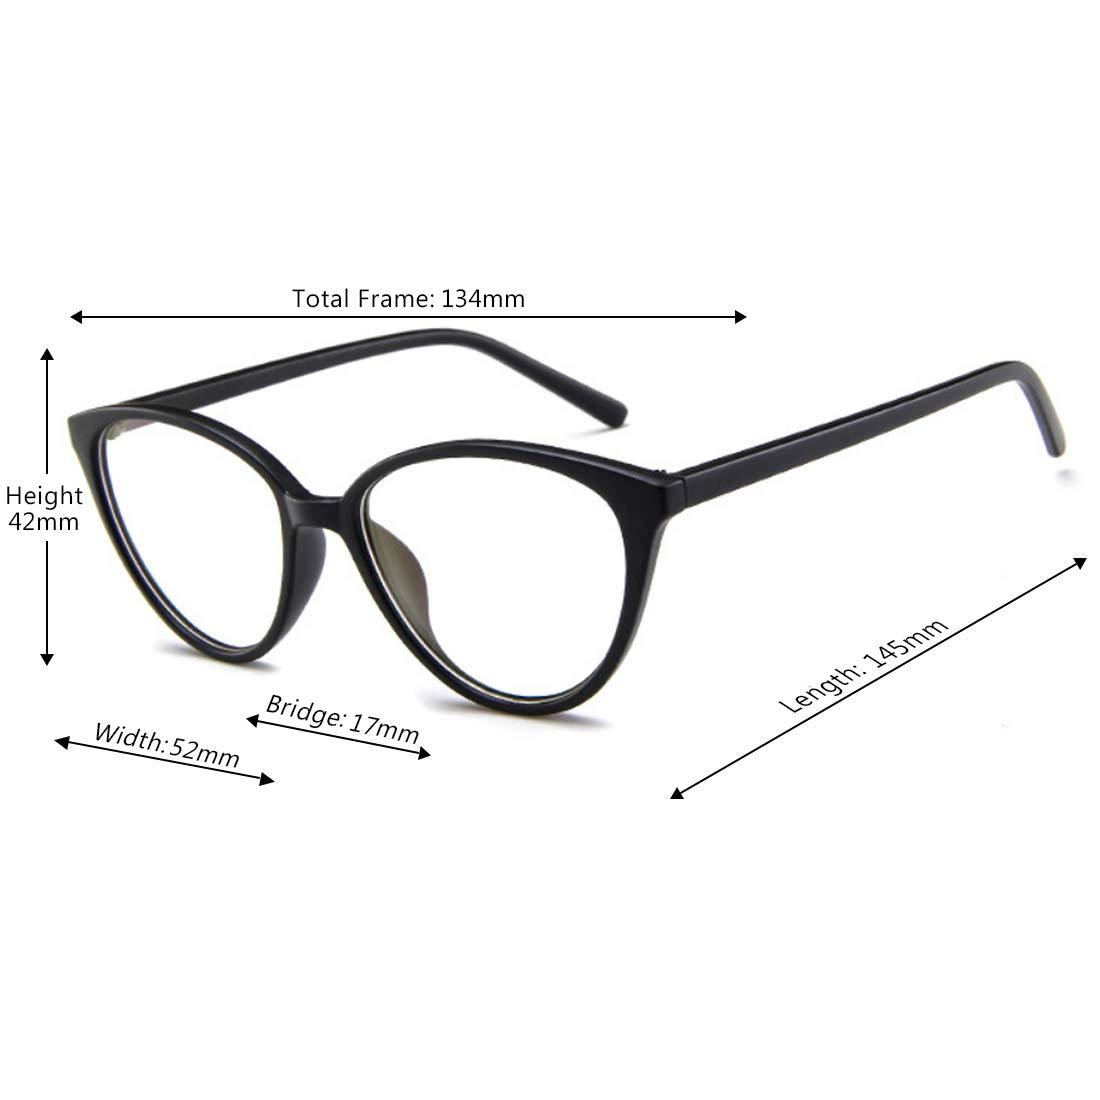 Inlefen Gafas /ópticas para mujer Marco de pl/ástico cl/ásico vintage Ojo de gato Gafas con lentes transparentes